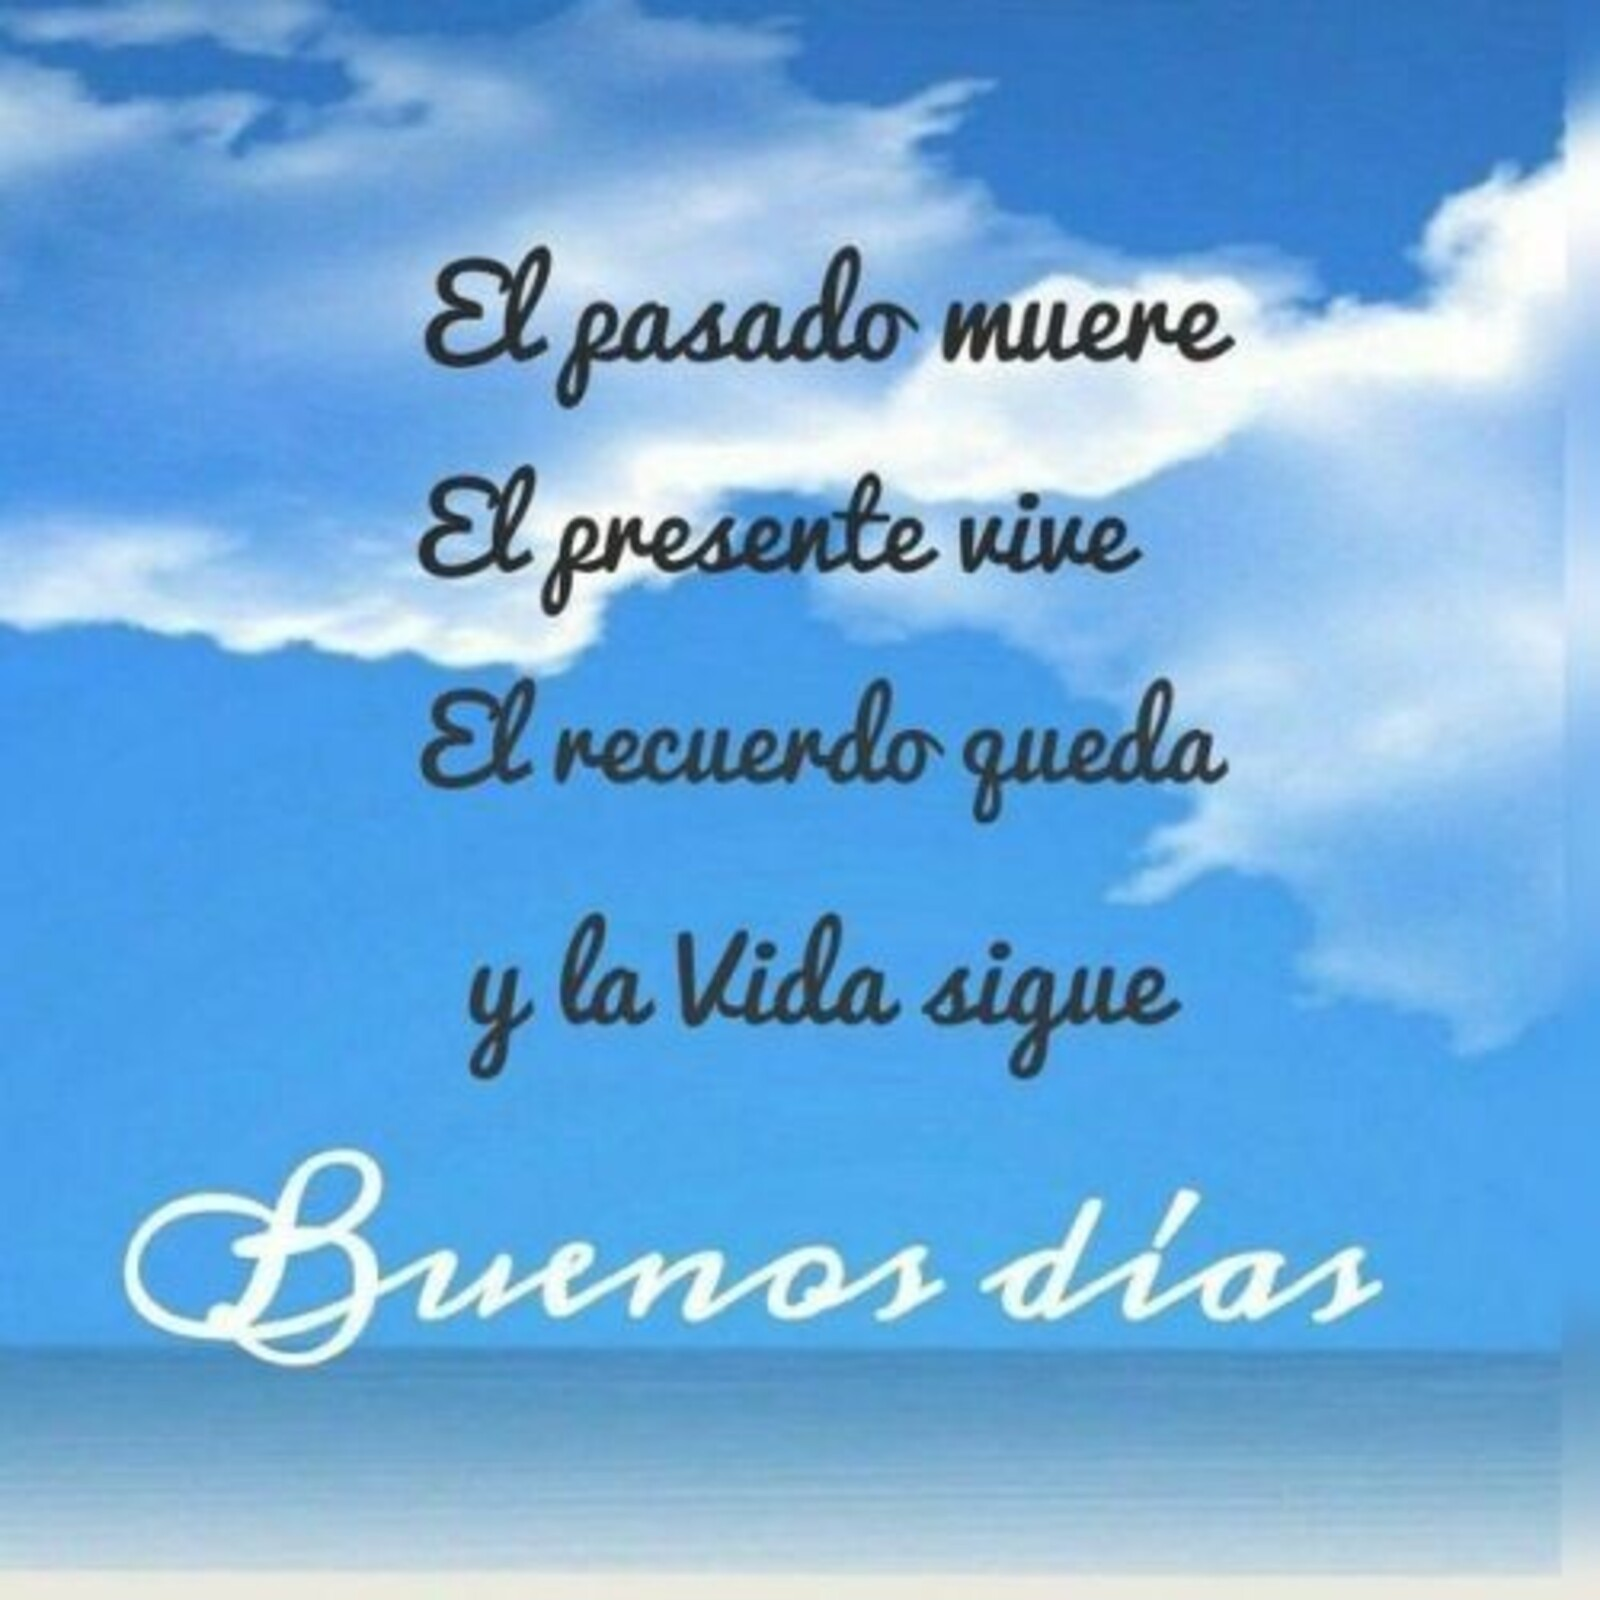 El pasado muere, el presente vive, el recuerdo queda y la vida sigue...buenos días